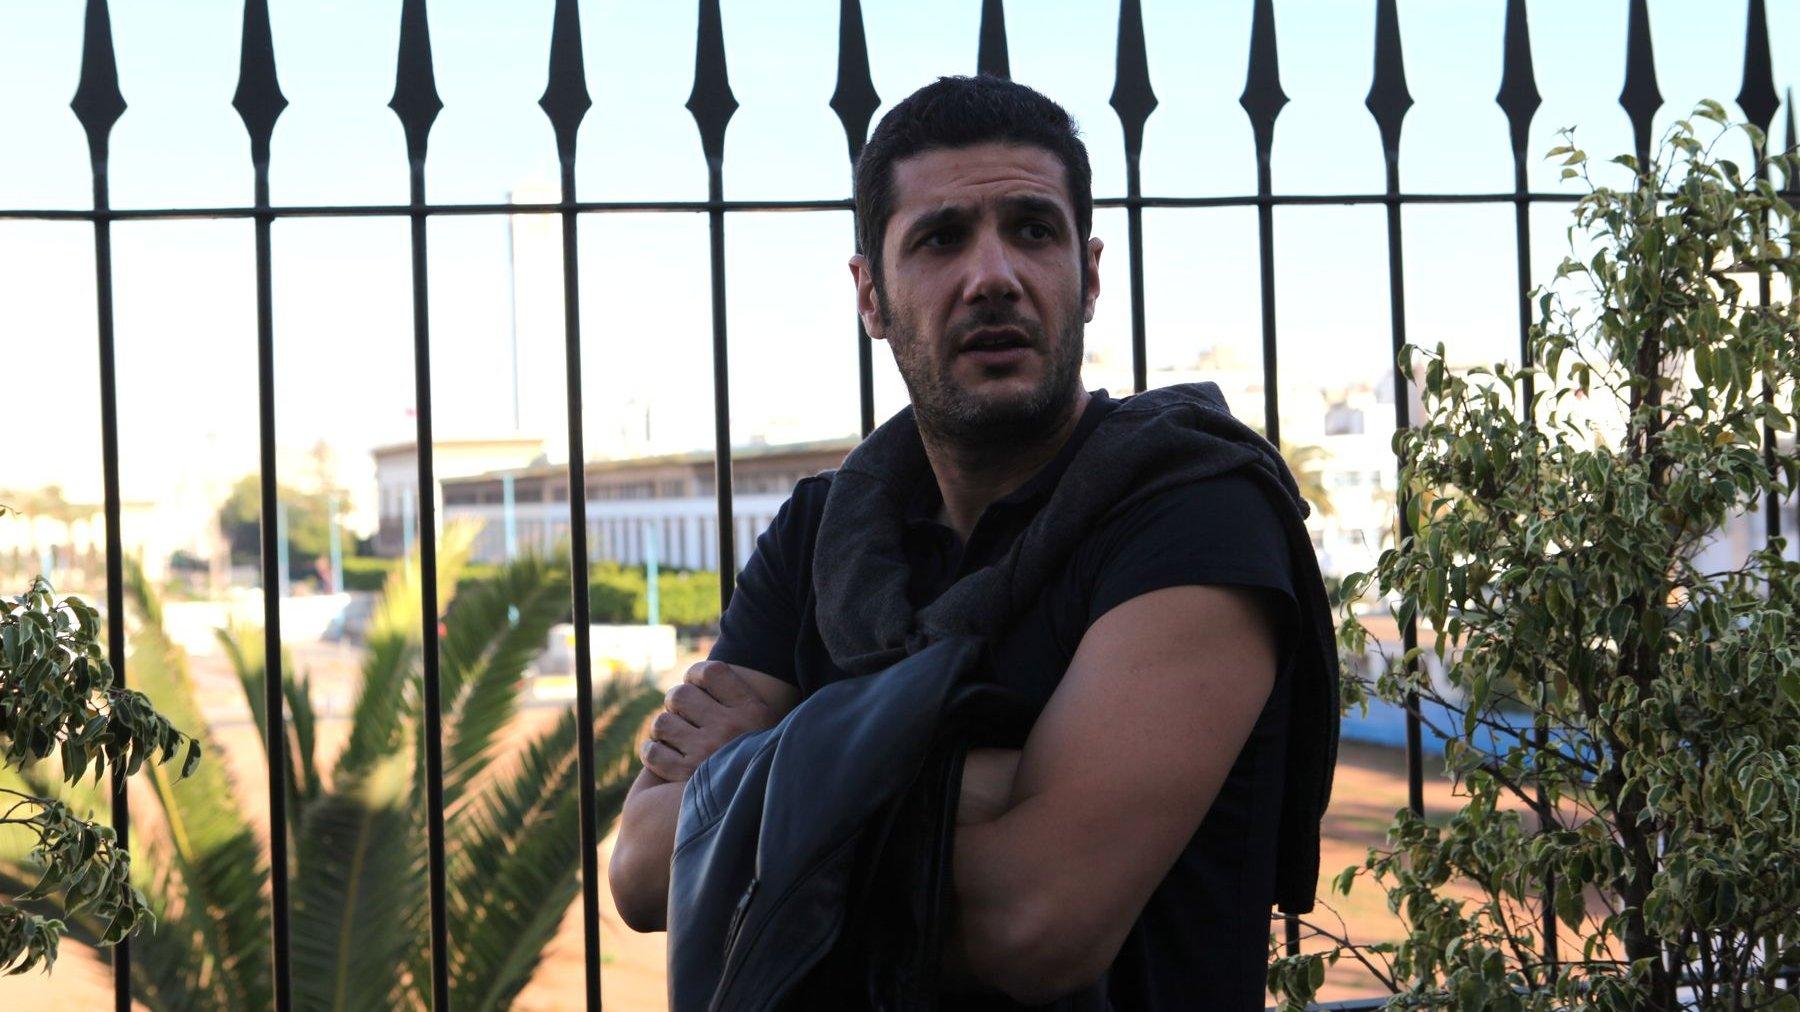 Quatre films marocains aux escales documentaires de for Film marocain chambra 13